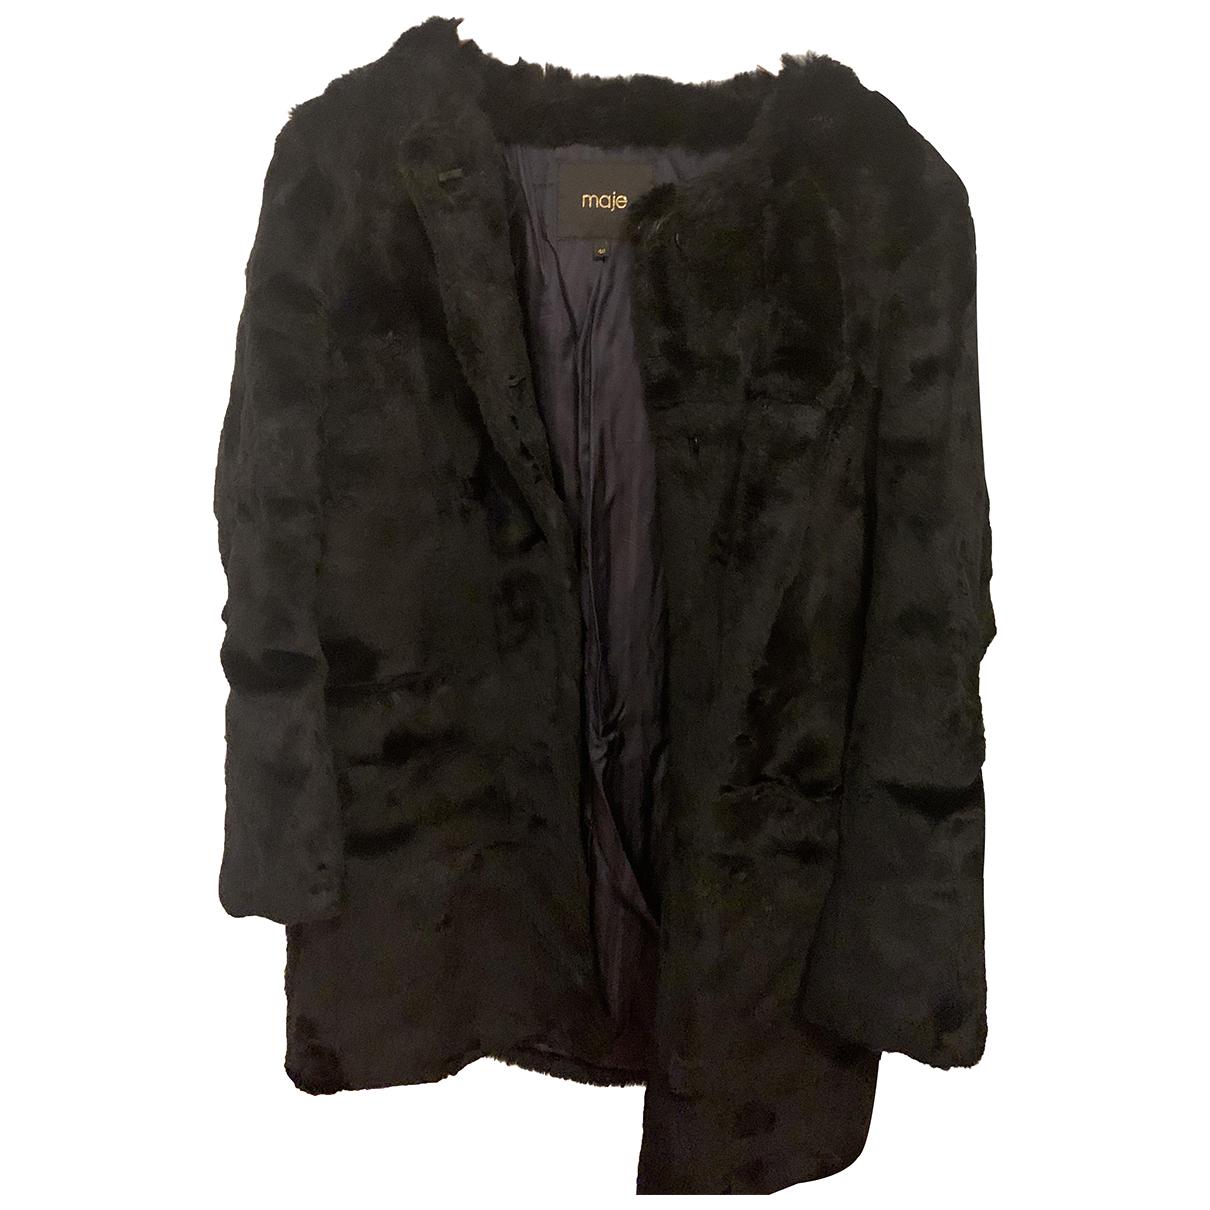 Maje - Manteau   pour femme en lapin - noir